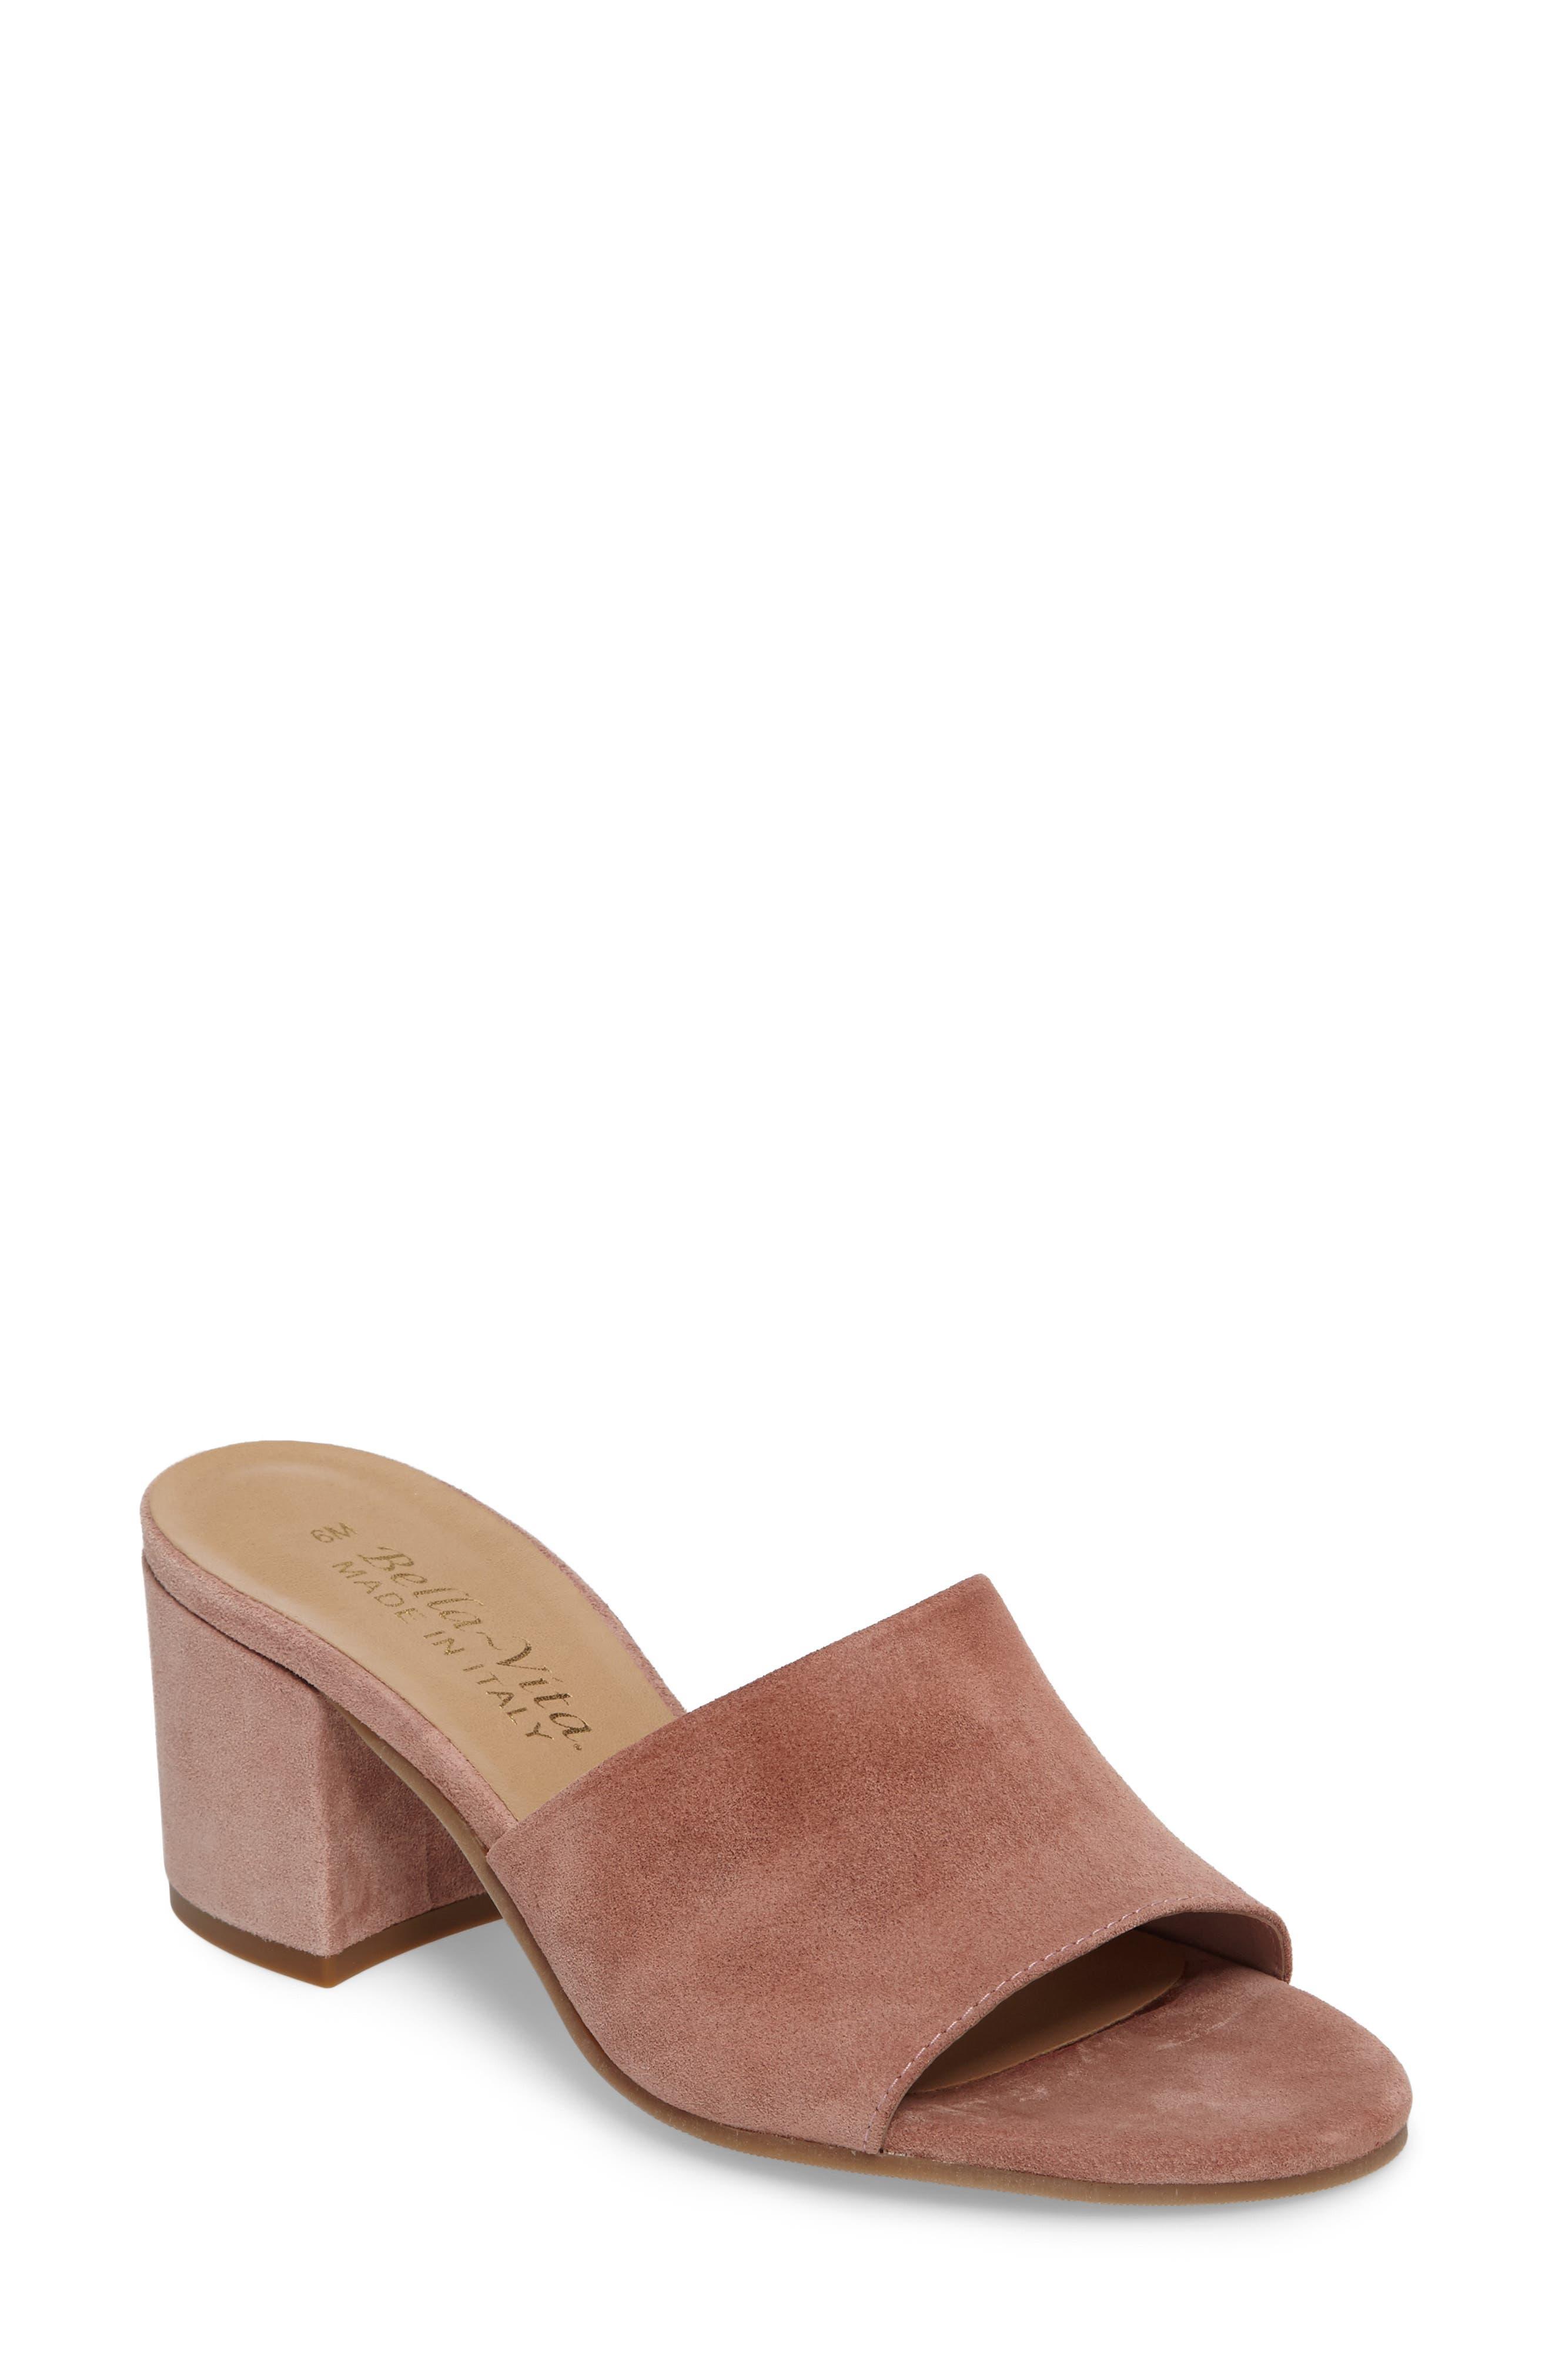 Mel Slide Sandal,                         Main,                         color, Blush Suede